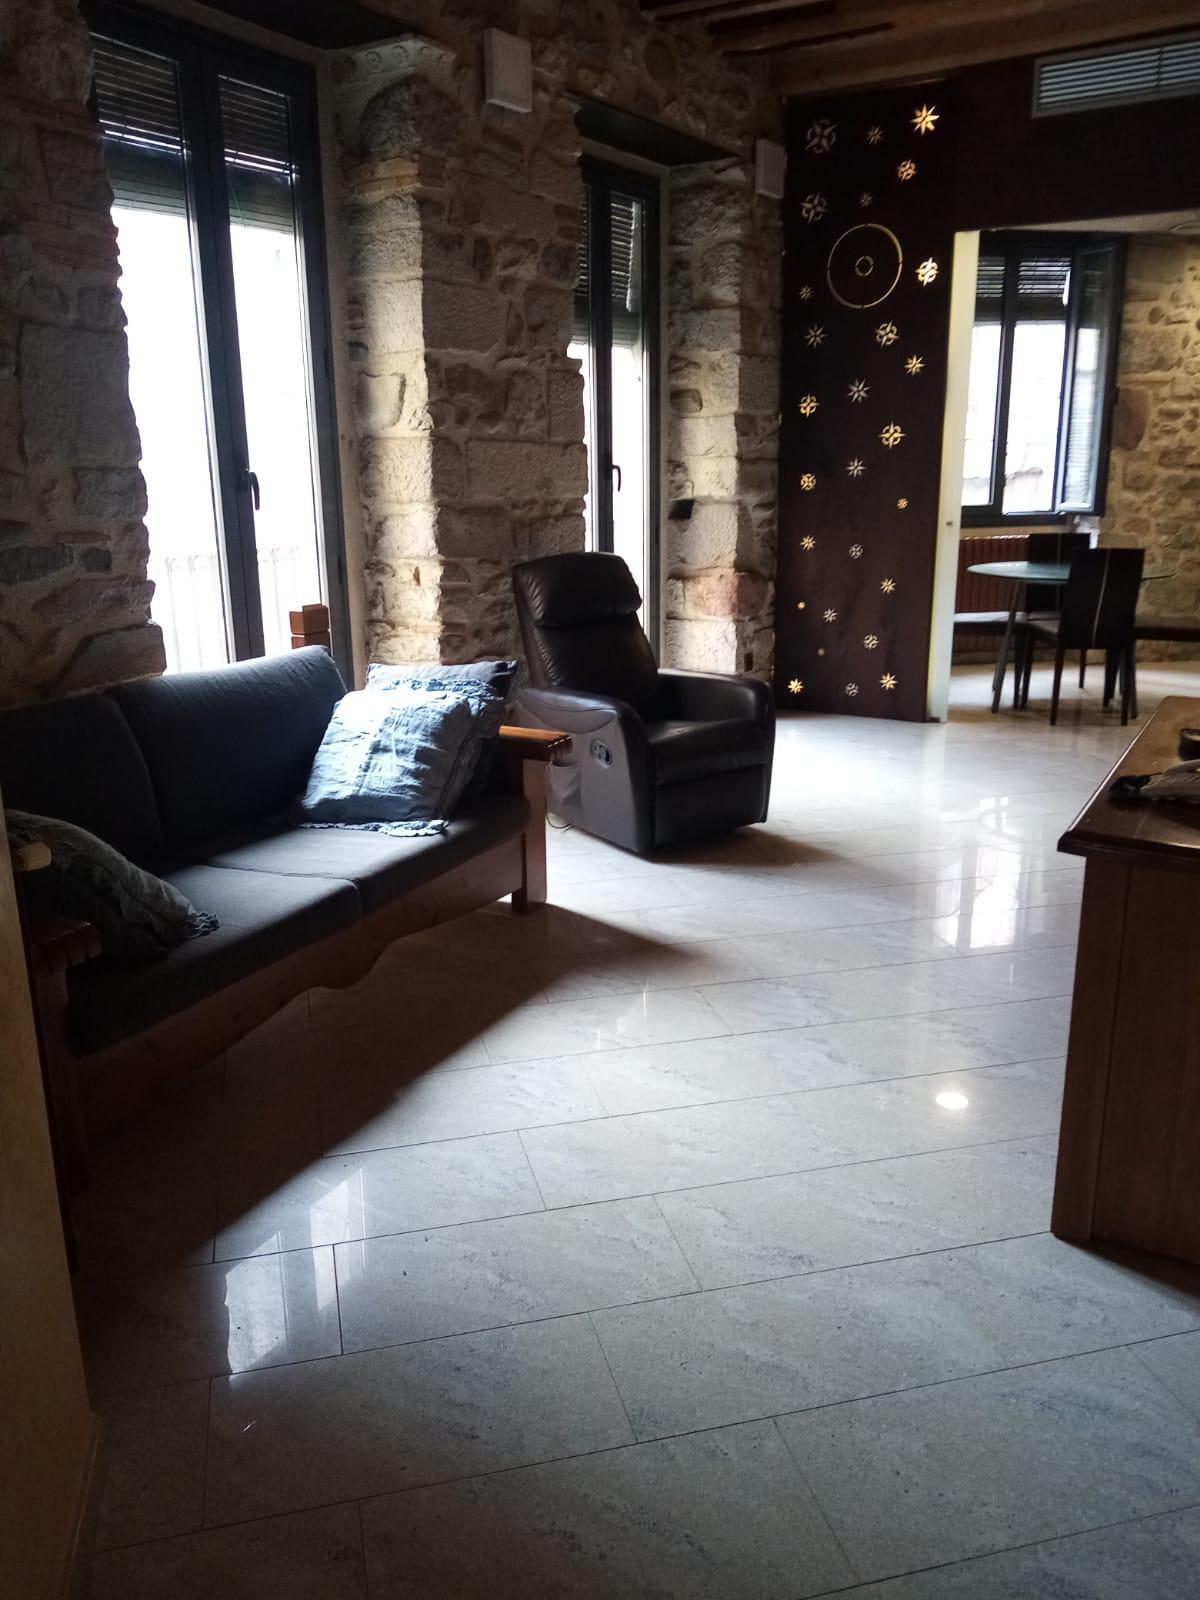 Imagen 2 Piso en alquiler en Girona / Fantastic pis  al costat de la Catedral de Girona.